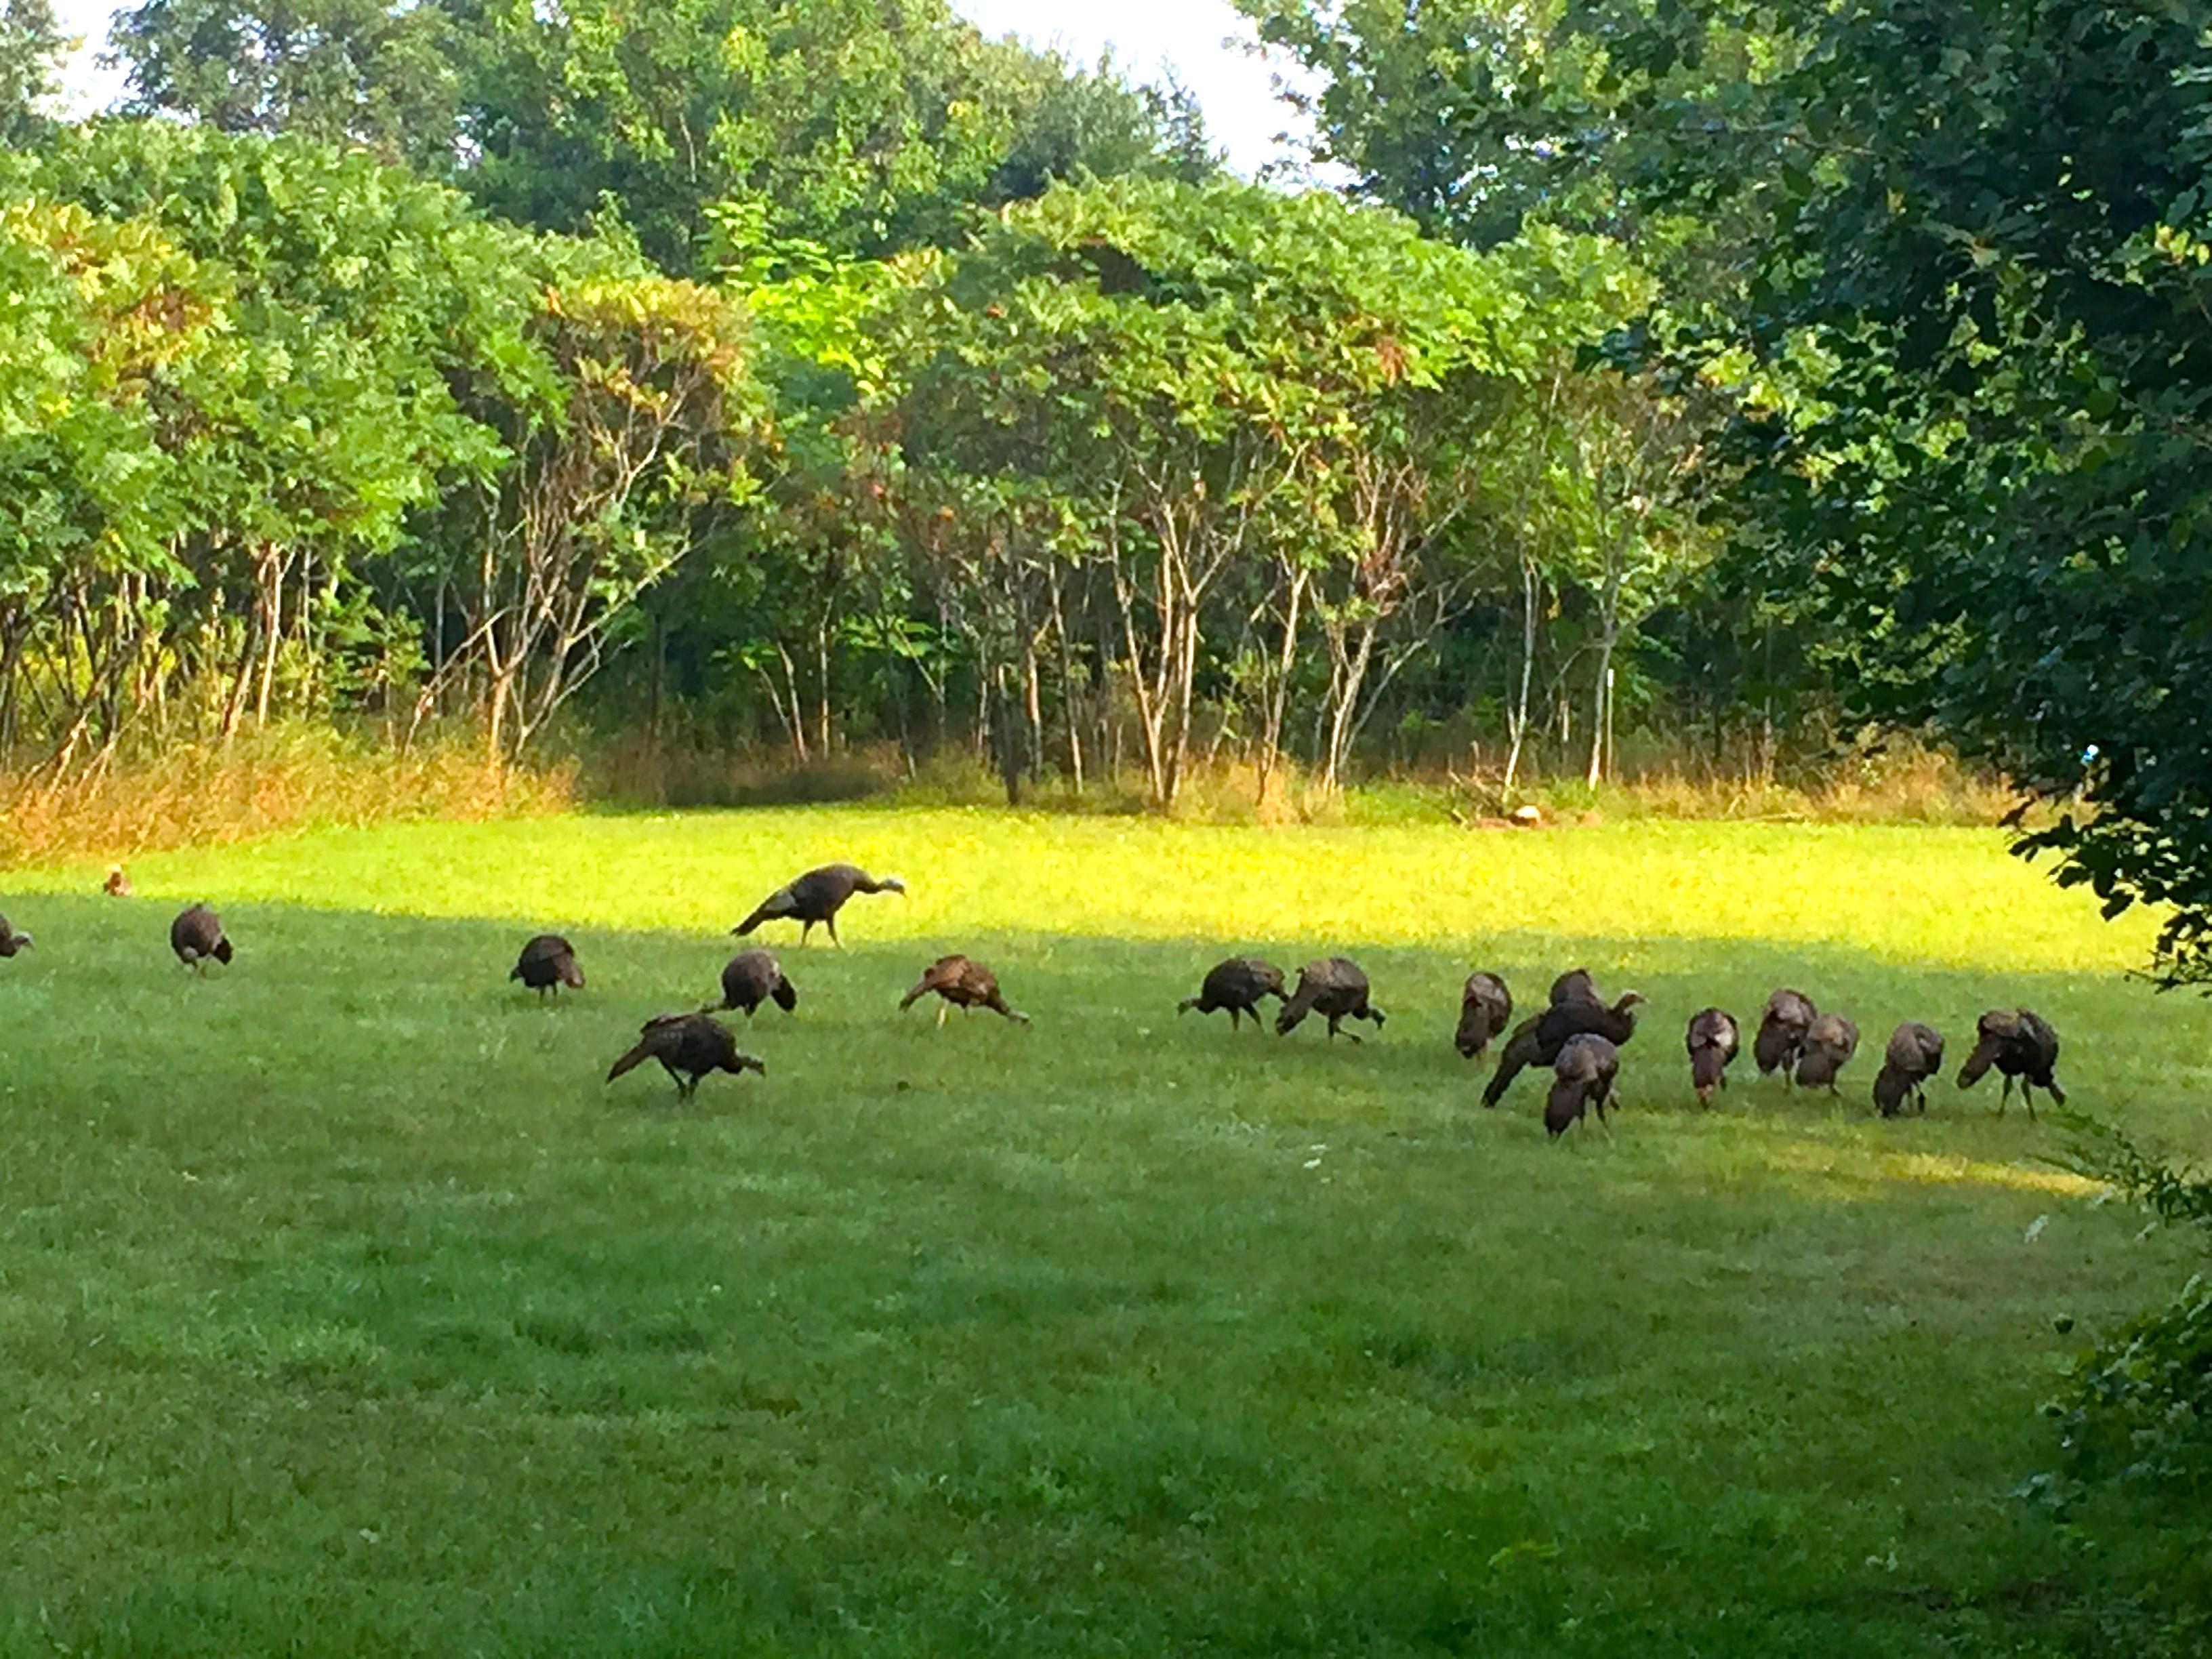 Turkeys in yard 9.2.15